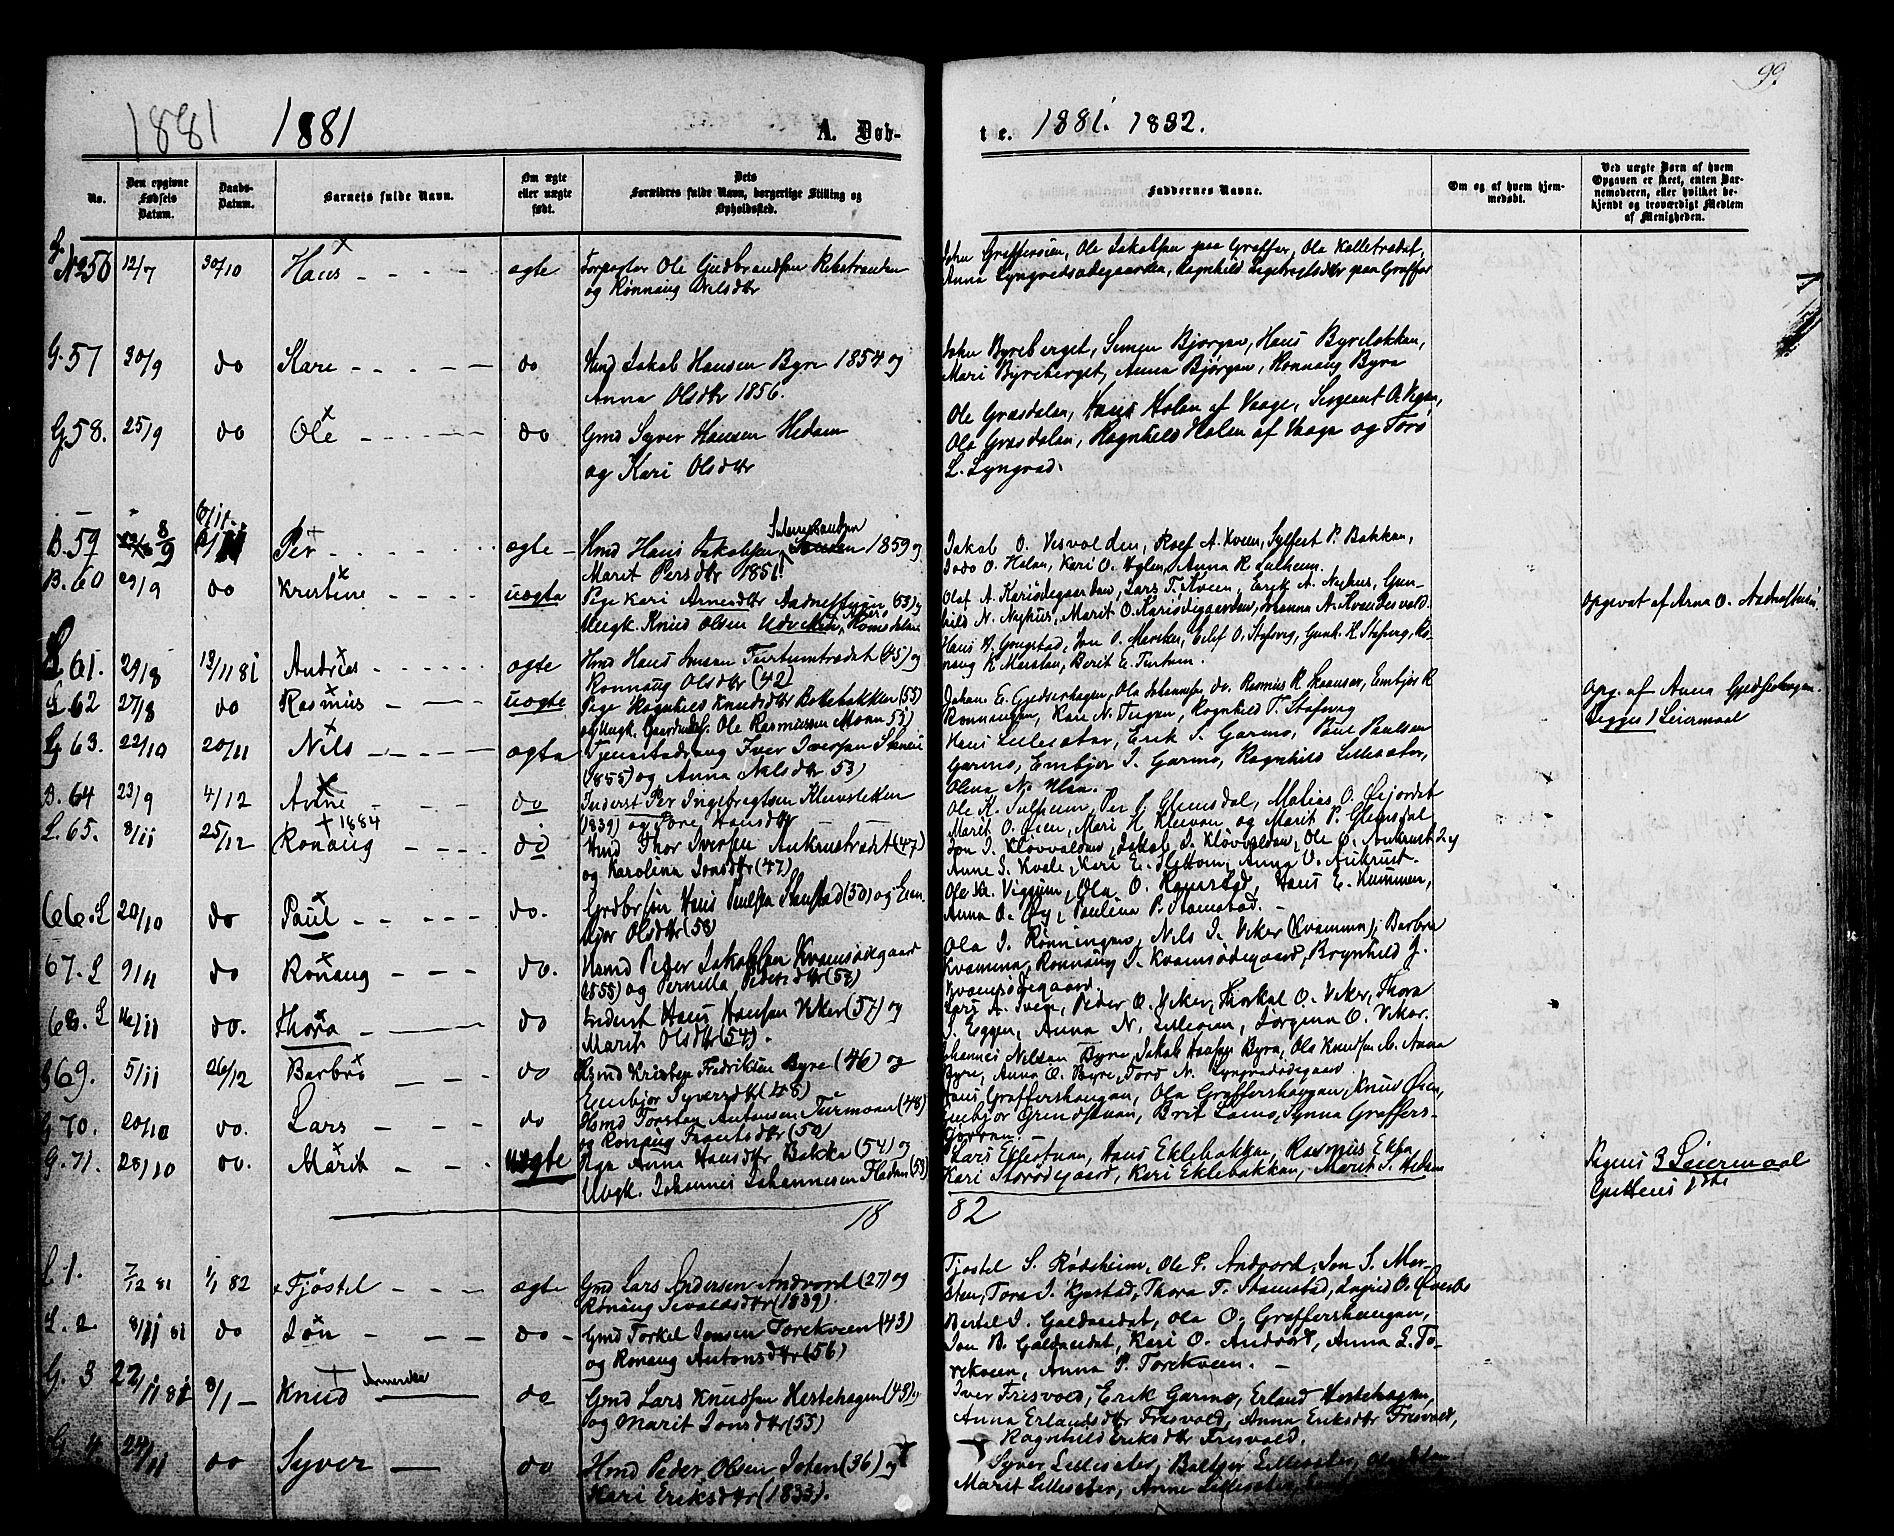 SAH, Lom prestekontor, K/L0007: Ministerialbok nr. 7, 1863-1884, s. 99